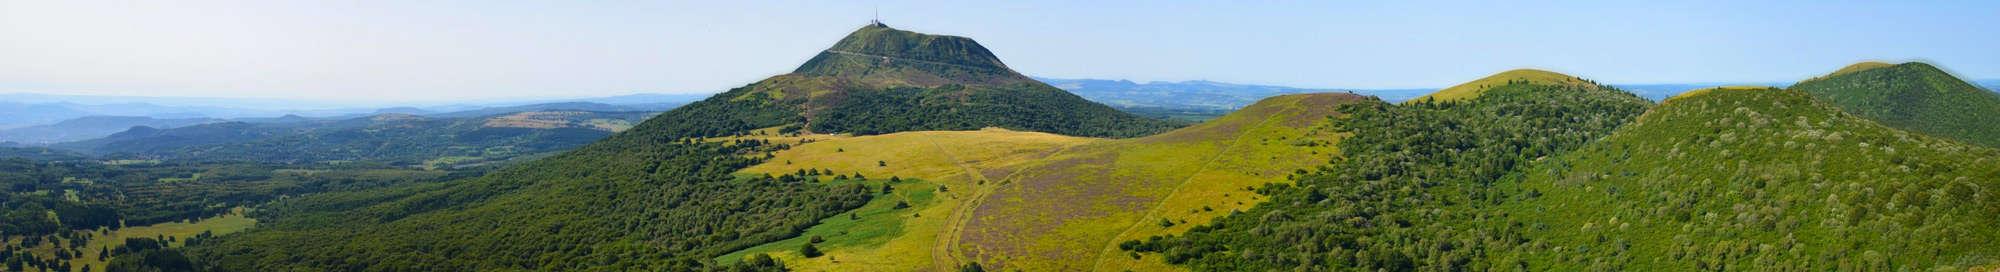 Week-end et séjour Auvergne